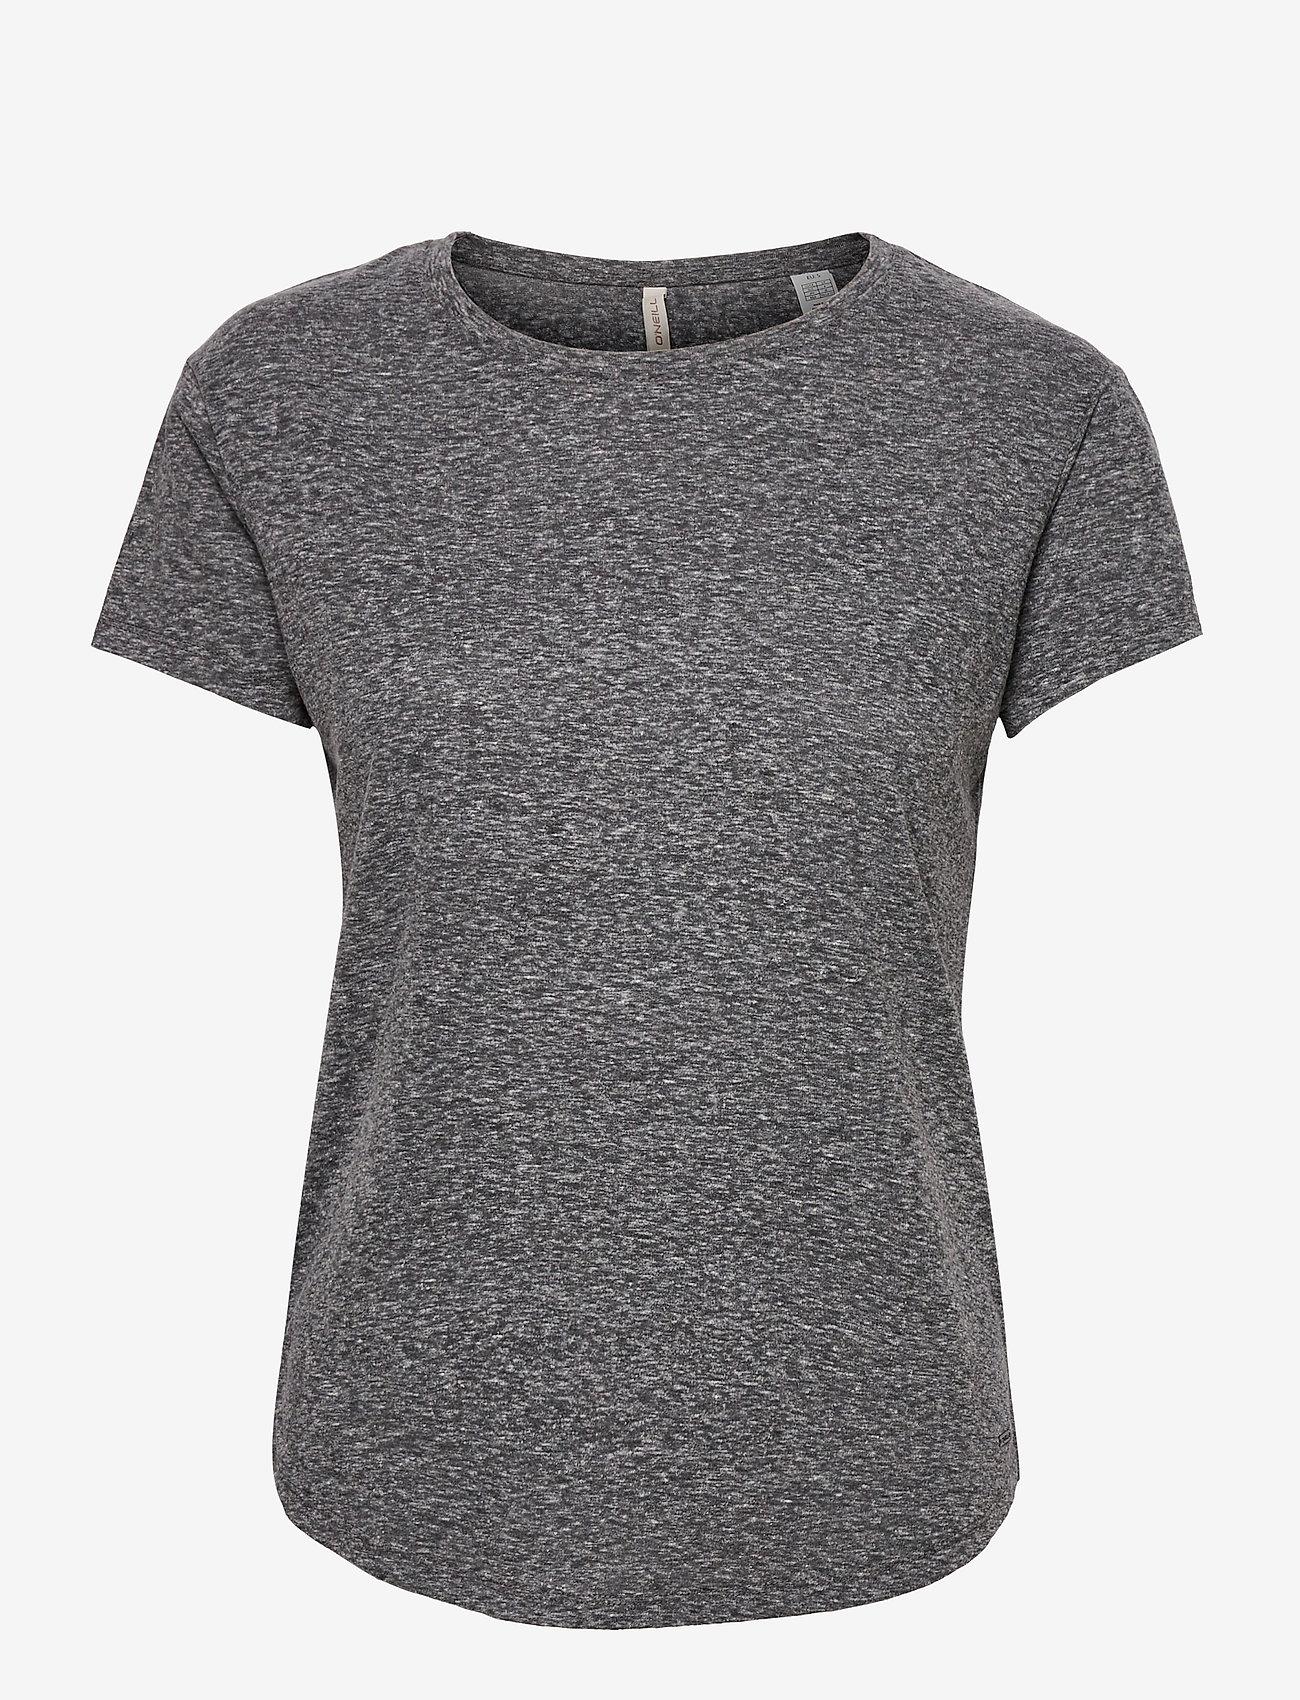 O'neill - LW ESSENTIALS T- SHIRT - t-shirts - asphalt - 0